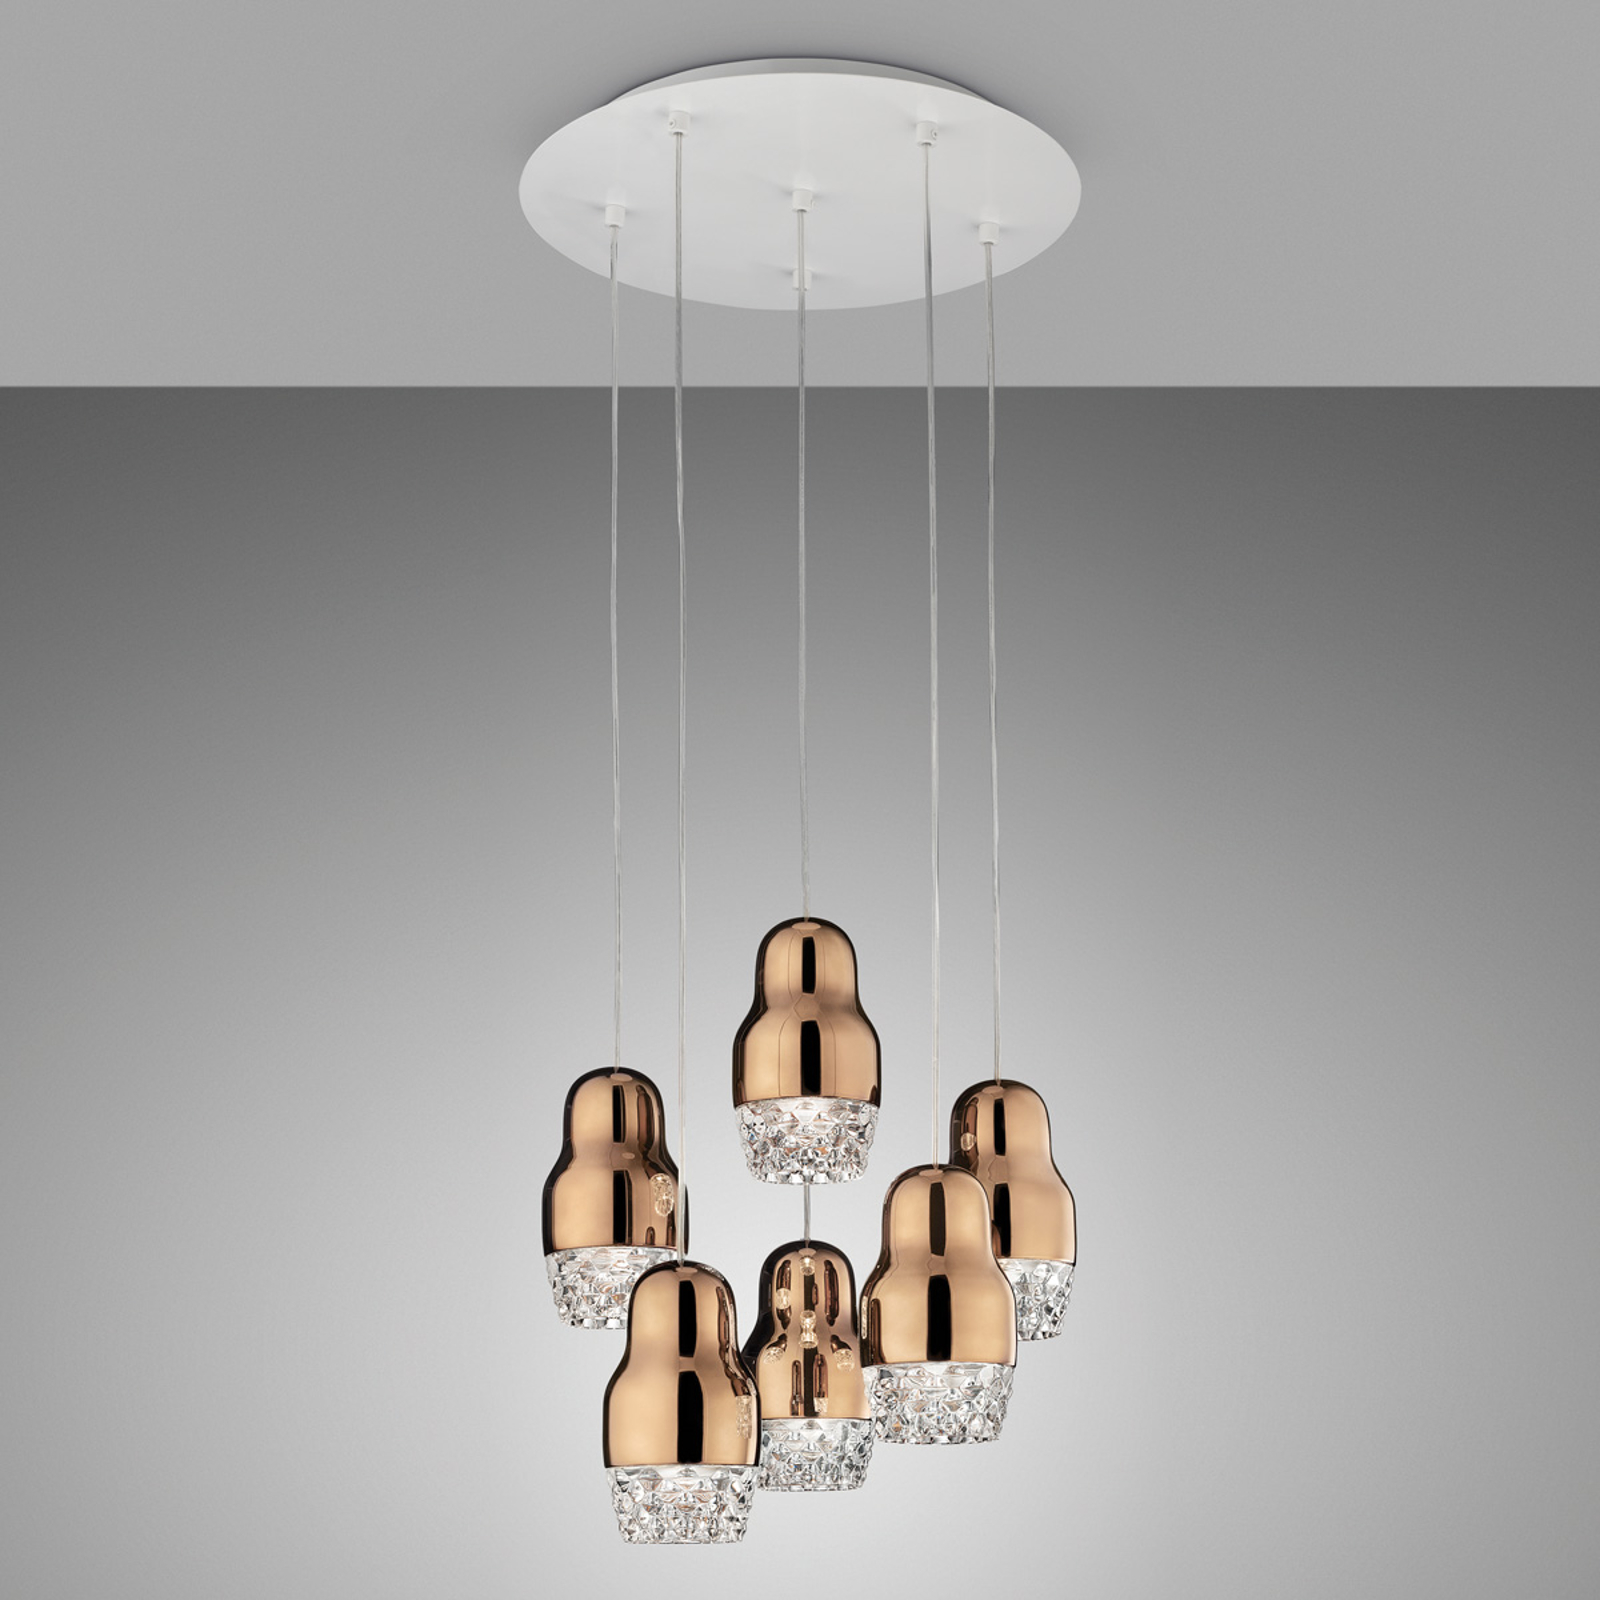 Six-bulb LED hanging lamp Fedora rose gold_1088082_1